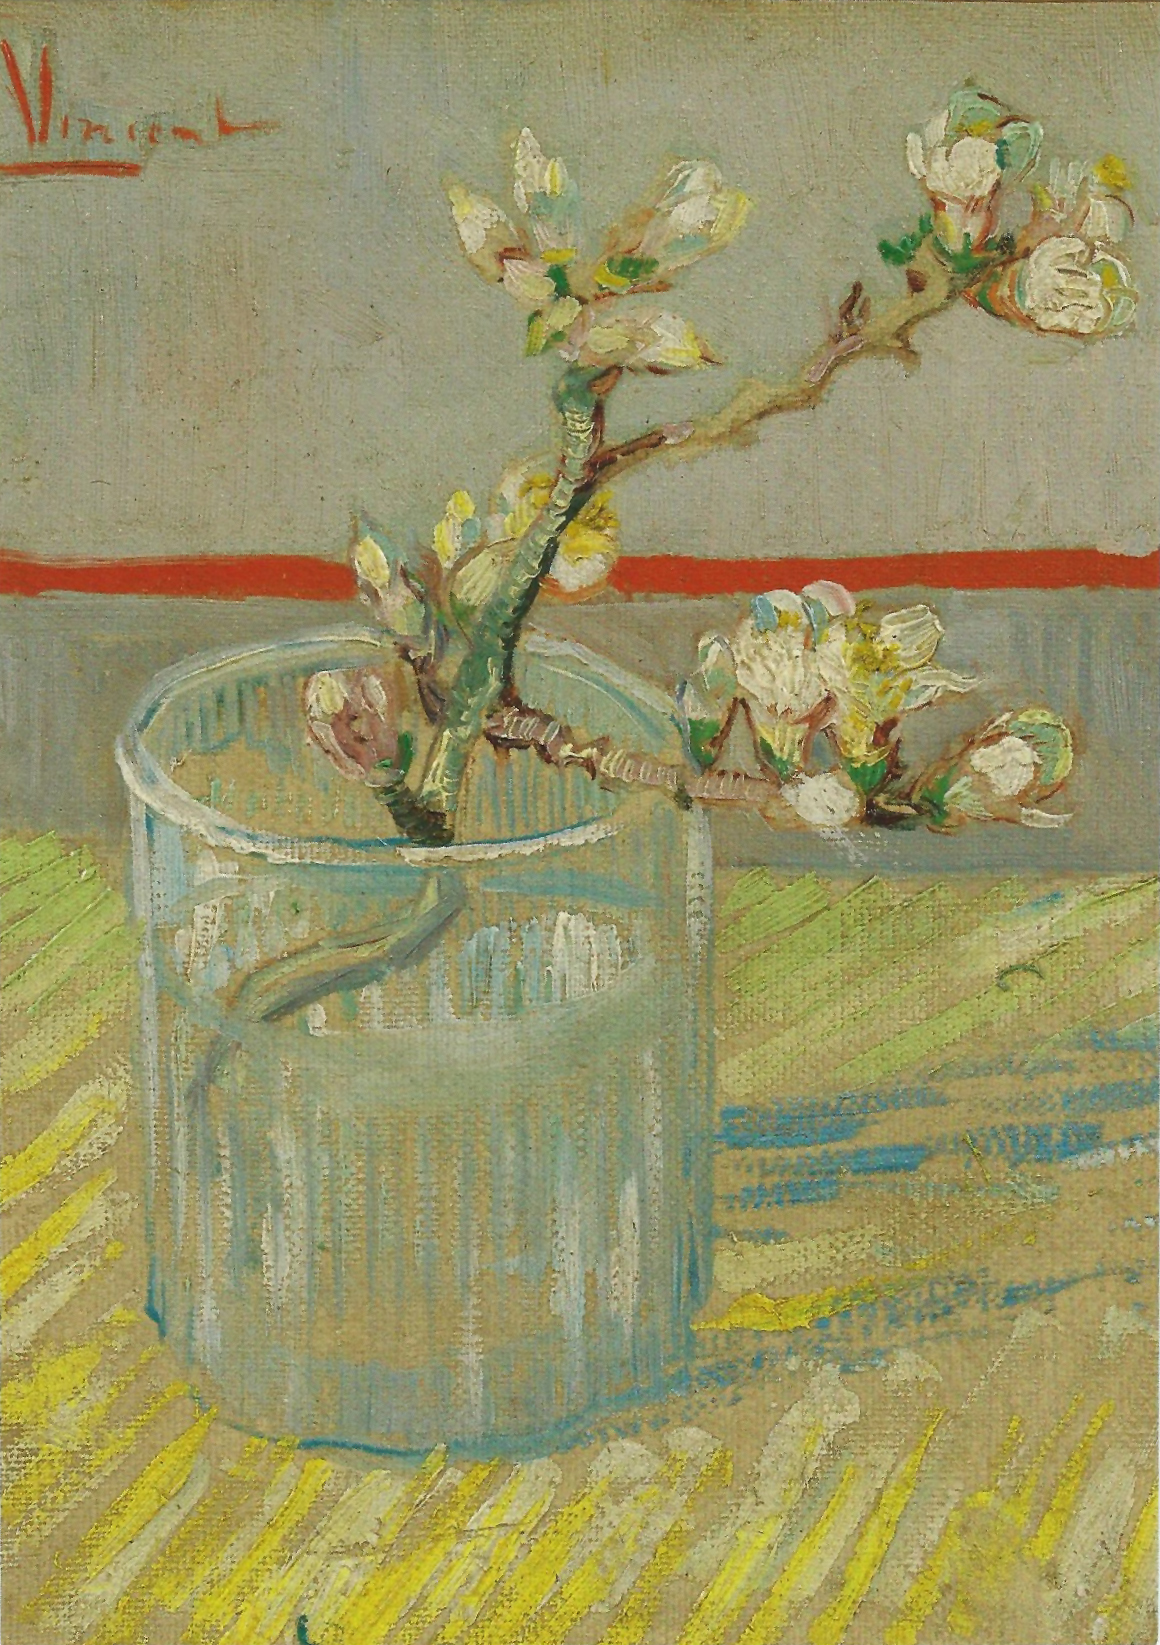 художник Винсент Ван Гог Van Gogh натюрморт пейзажи природы Альберт Сафиуллин